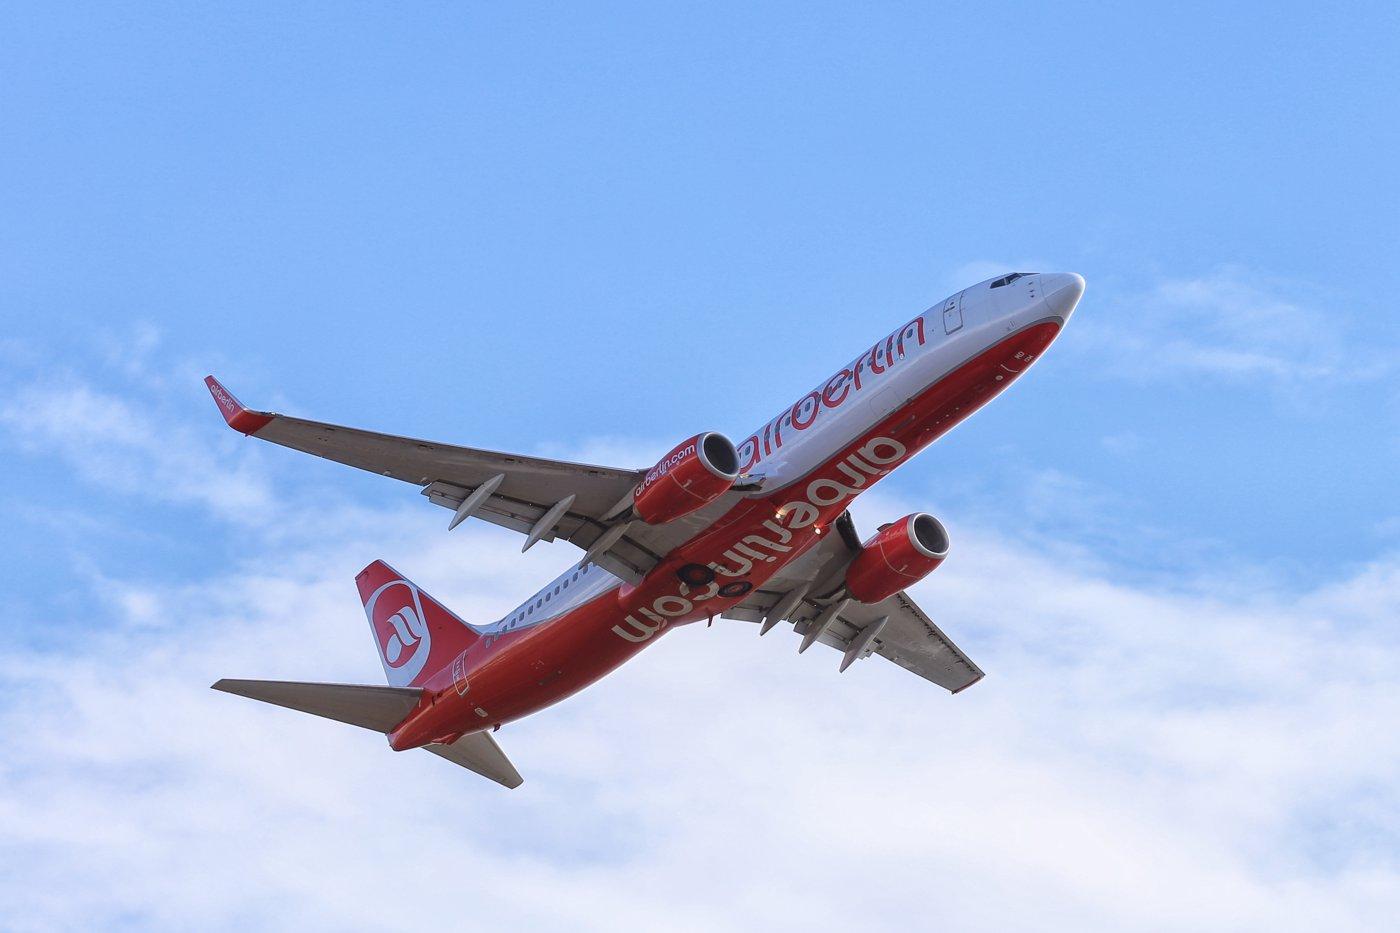 Für den Radtransport in Flugzeugen gelten sehr unterschiedliche Regeln. Langstreckenflüge sind erheblich teurer als innereuropäische Trips. (Foto: Tim Reckmann / pixelio.de)